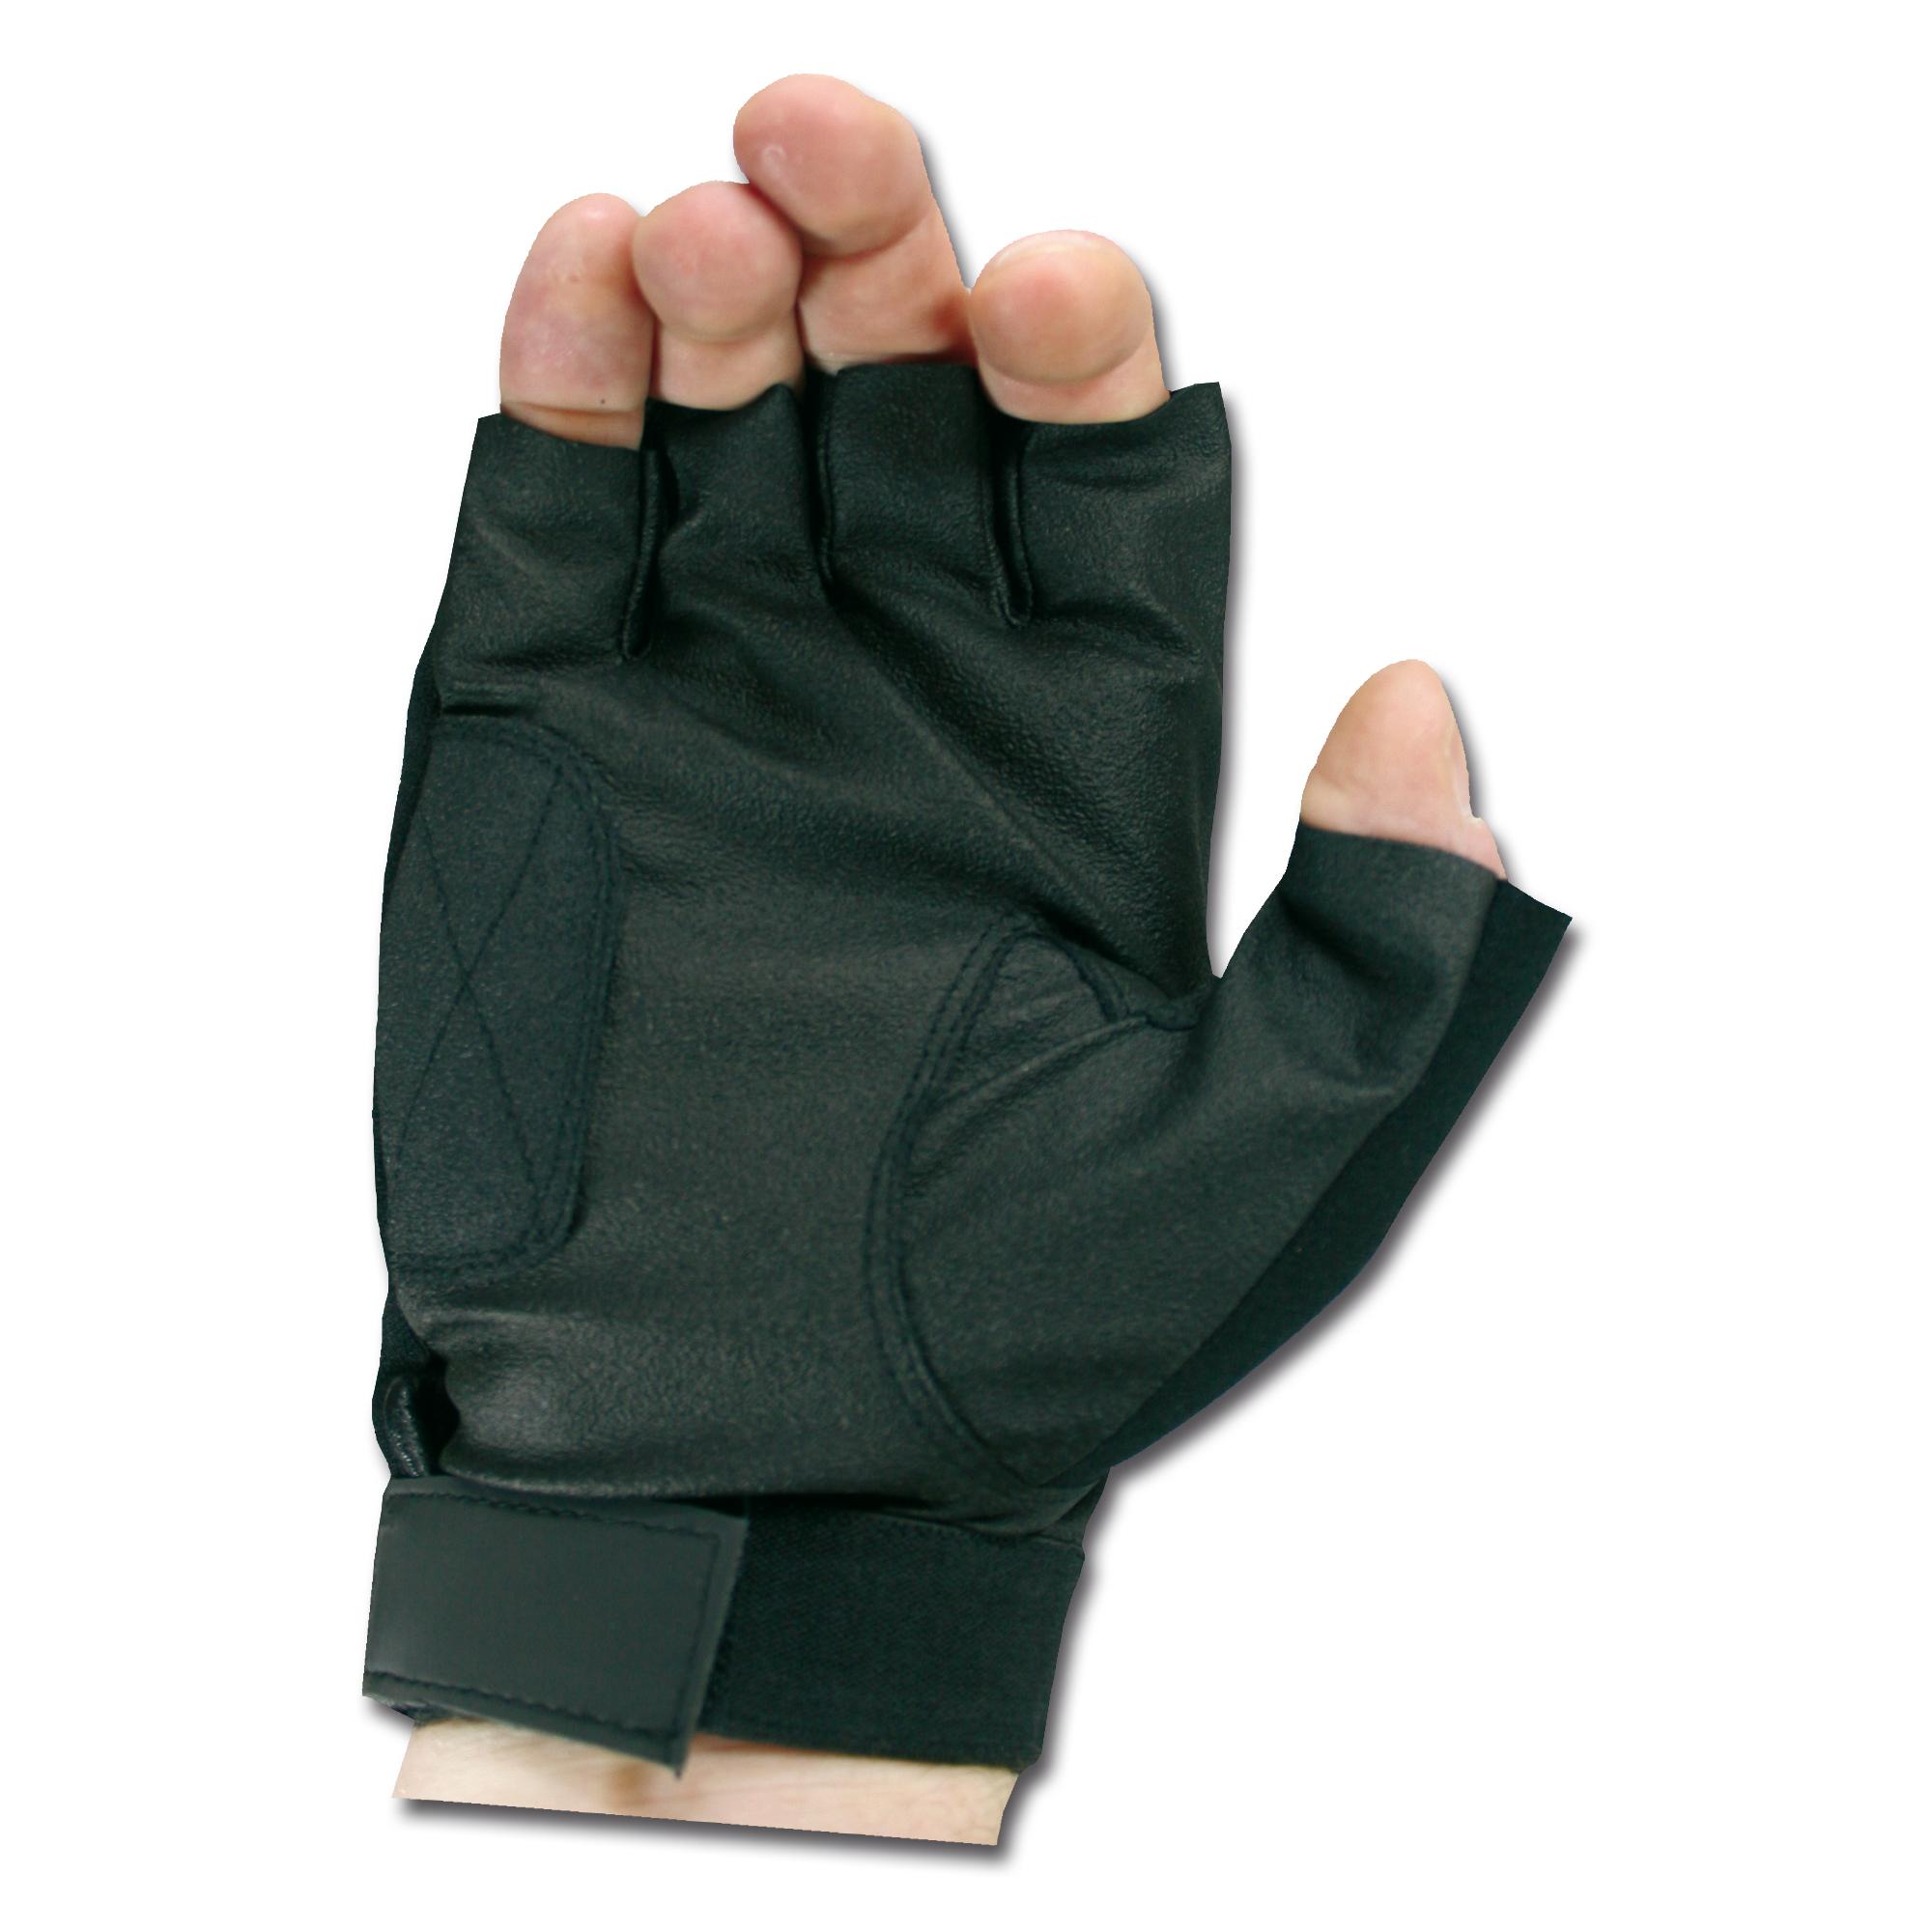 Handschuhe Neopren Halbfinger schwarz